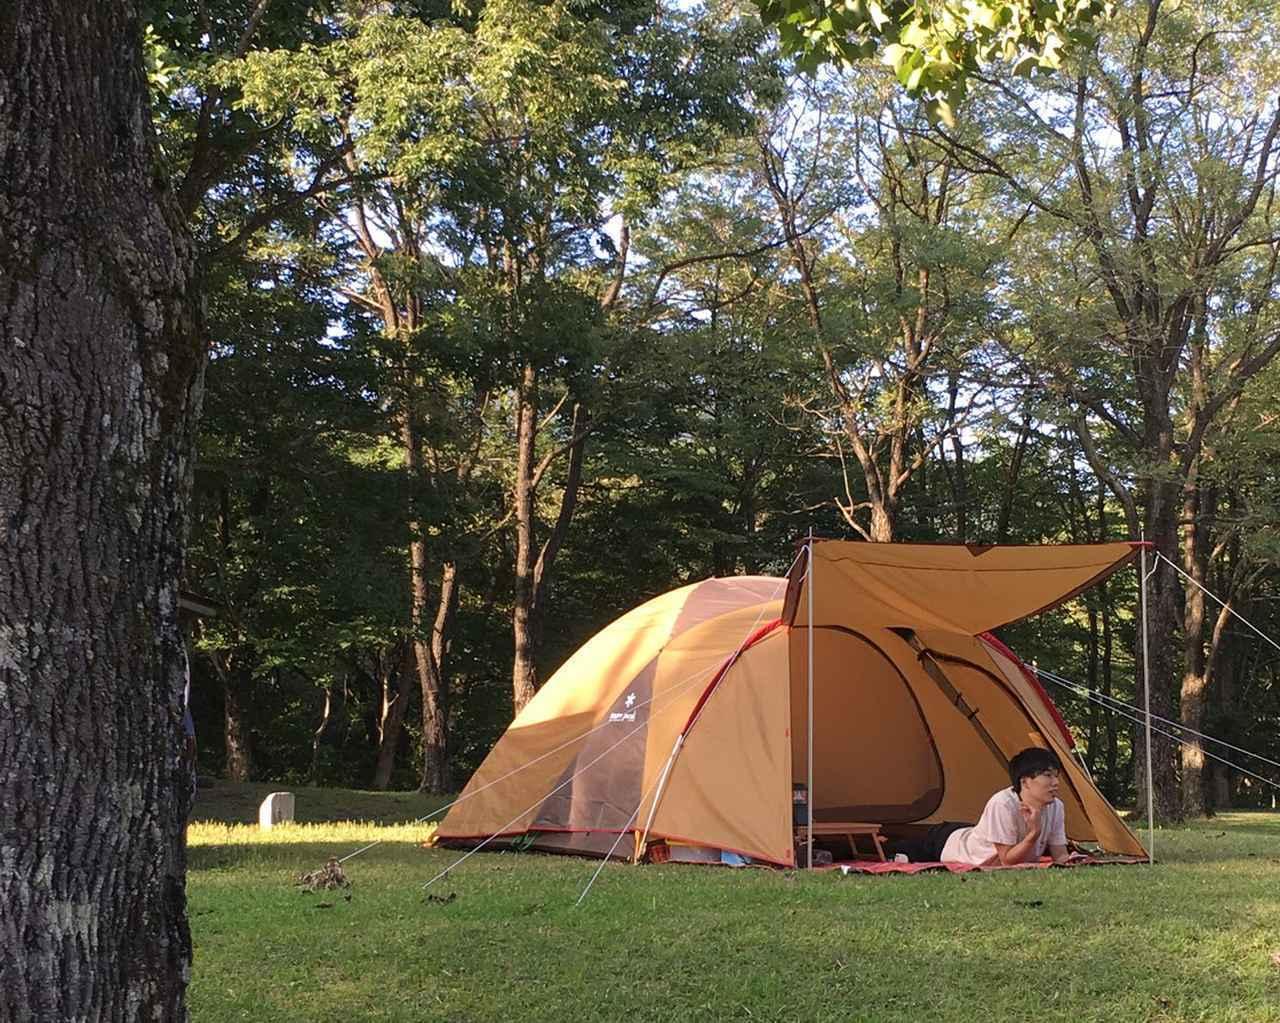 画像: 【キャンプ初心者ファミリー向け】ドームテントのおすすめ5選!  コールマンほか - ハピキャン(HAPPY CAMPER)